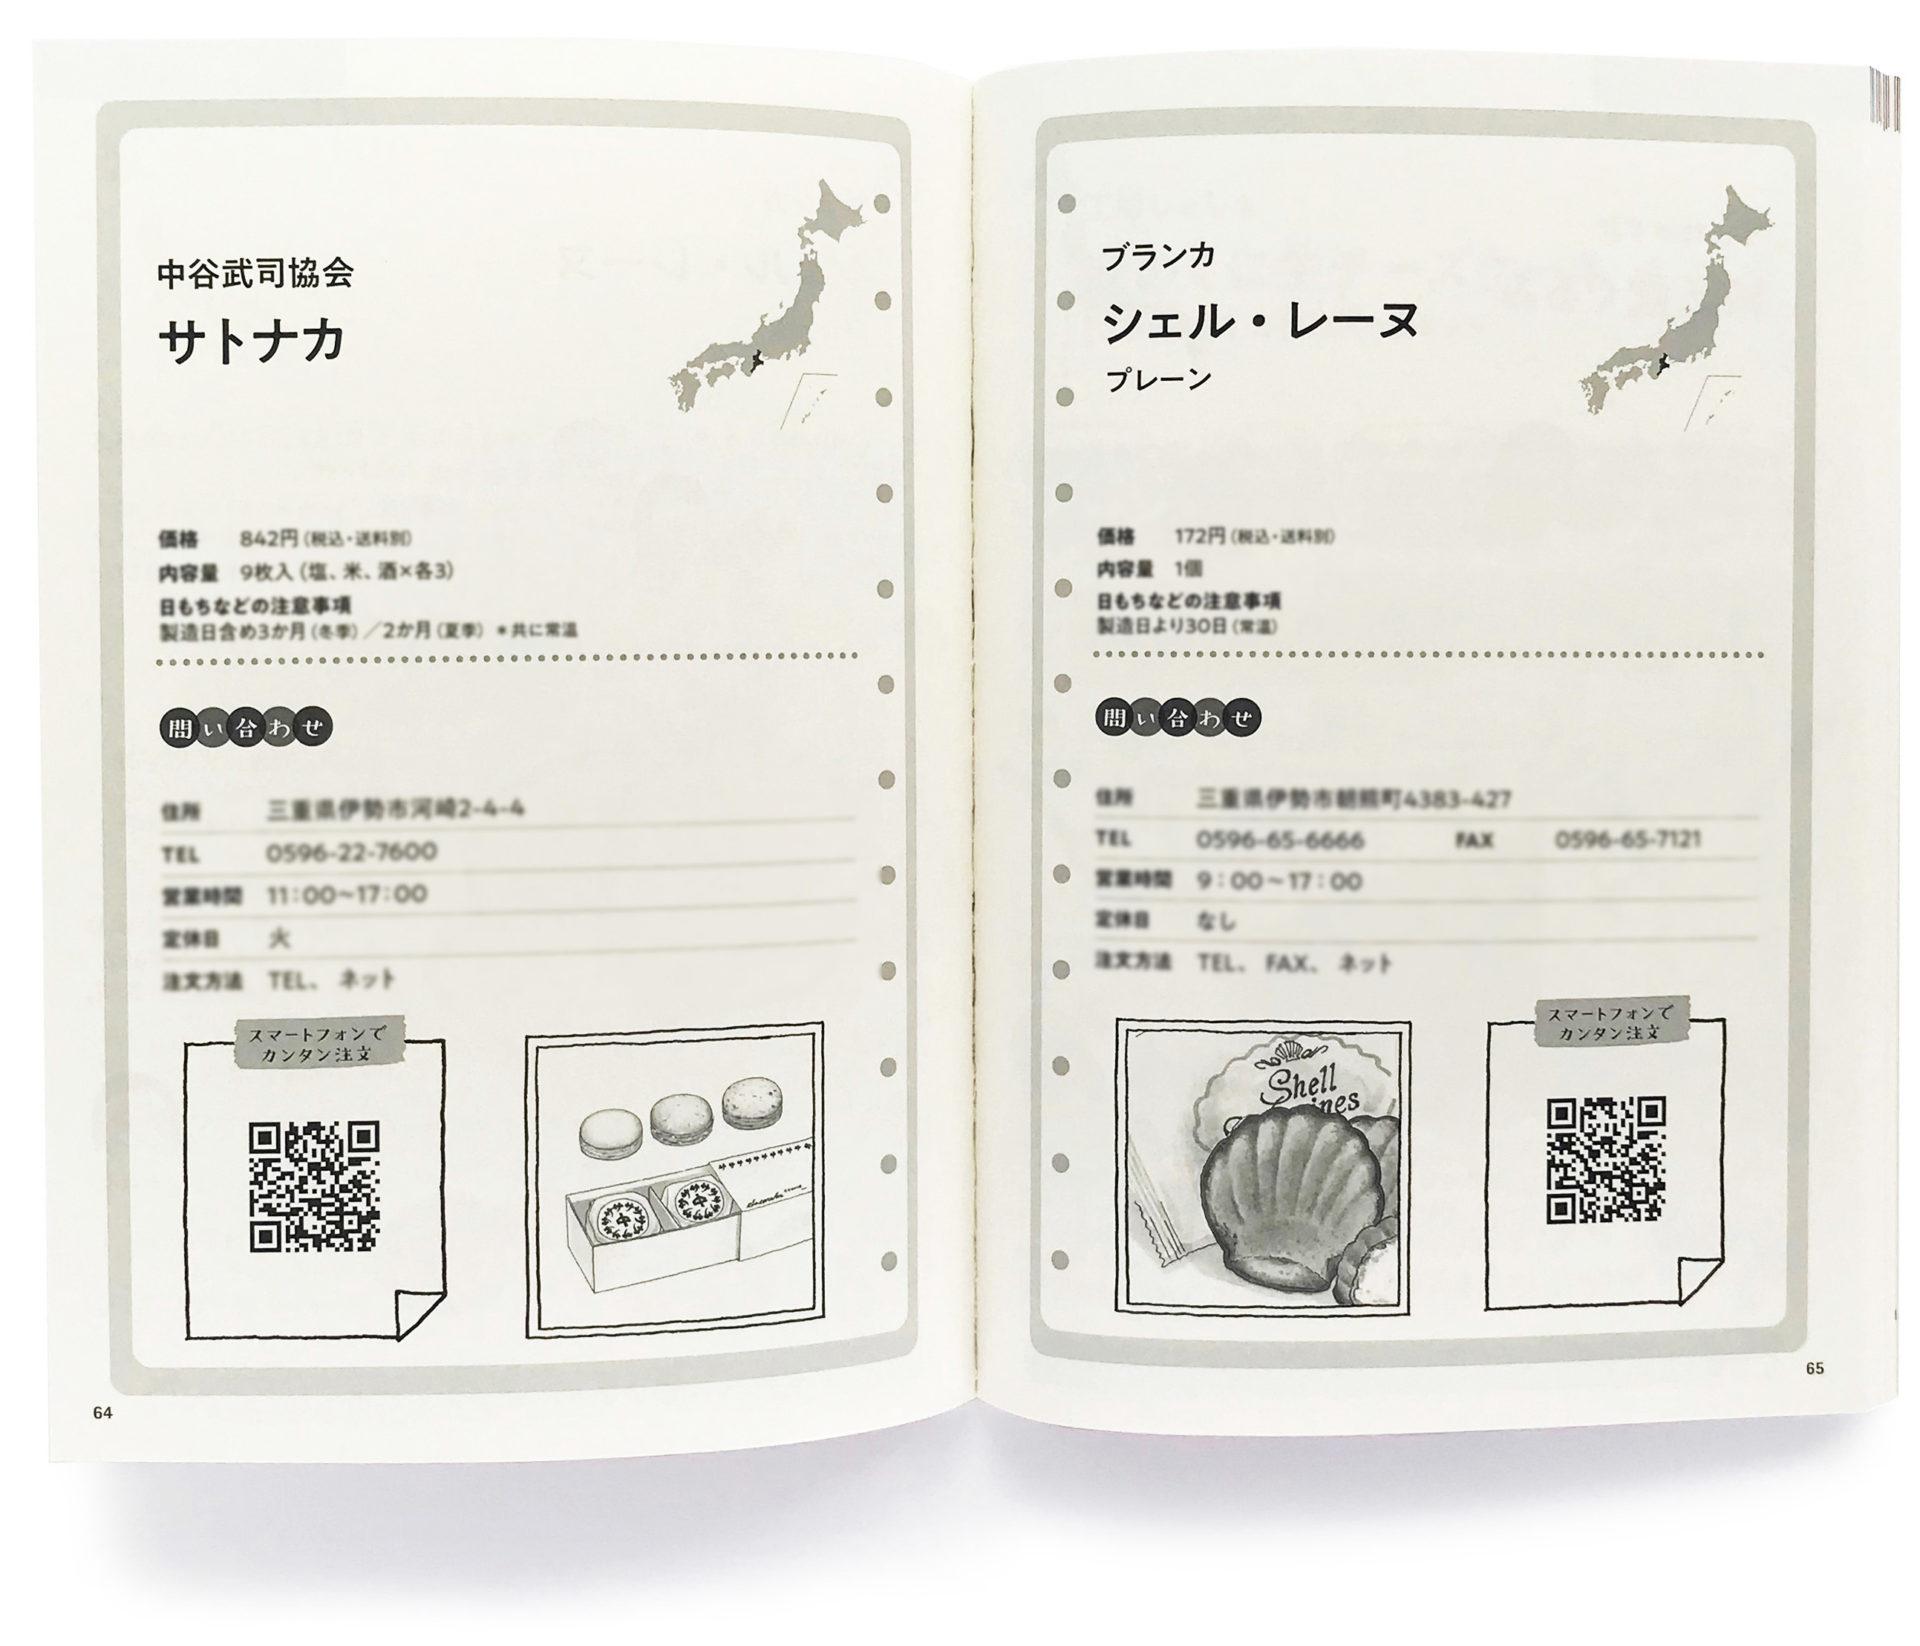 『おうちでしあわせ 日本全国まるごとおとりよせ便』 3